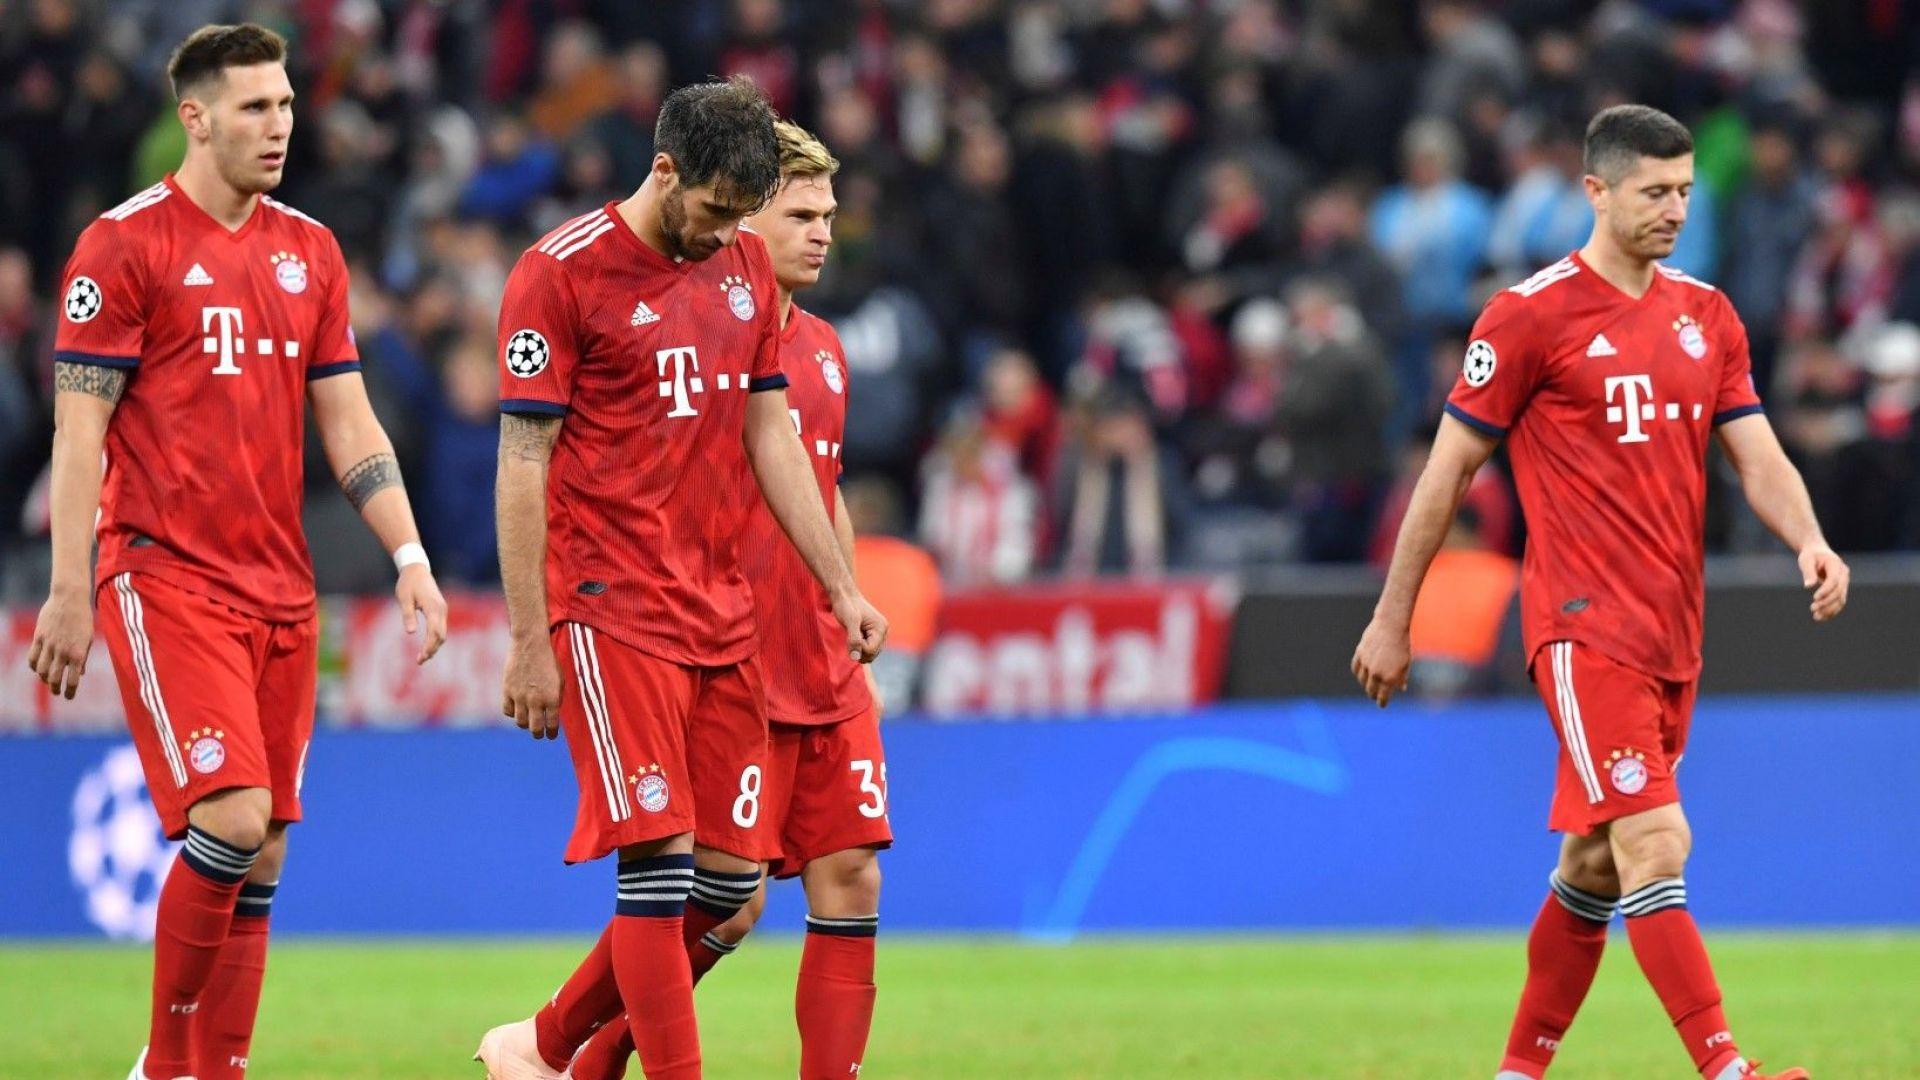 Как кризата удари едновременно четирите най-големи клуба в света?